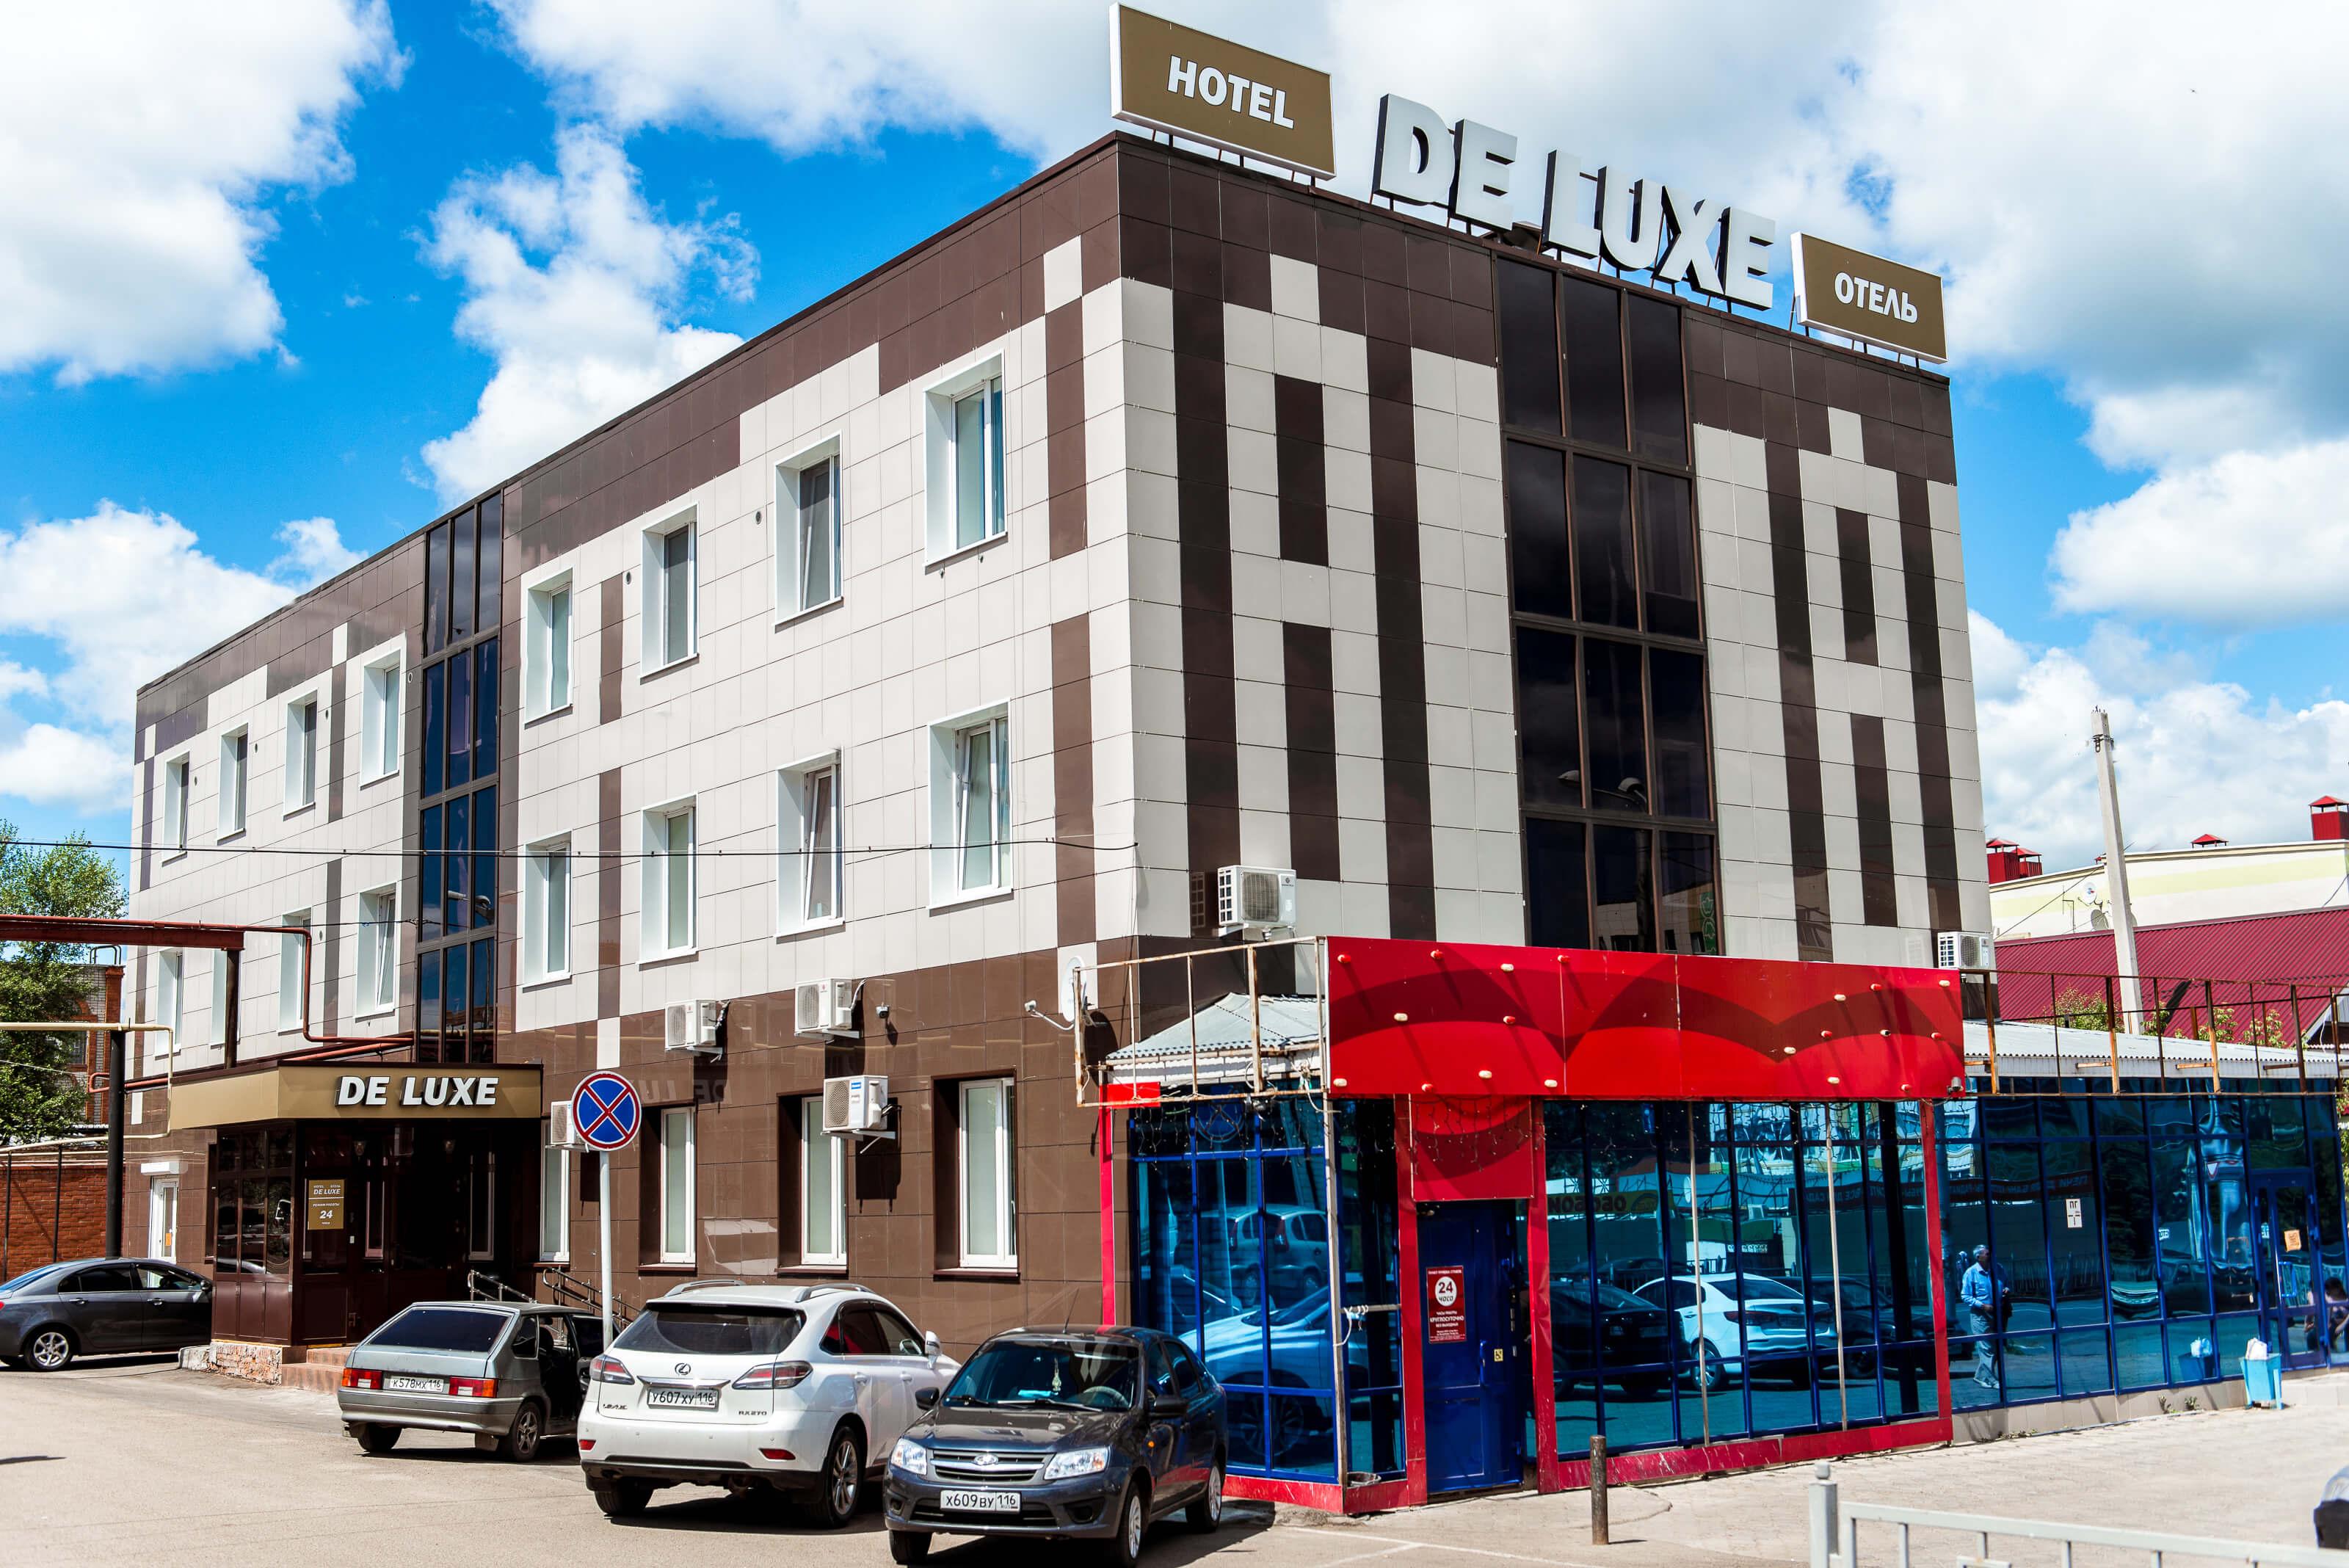 отель делюкс альметьевск